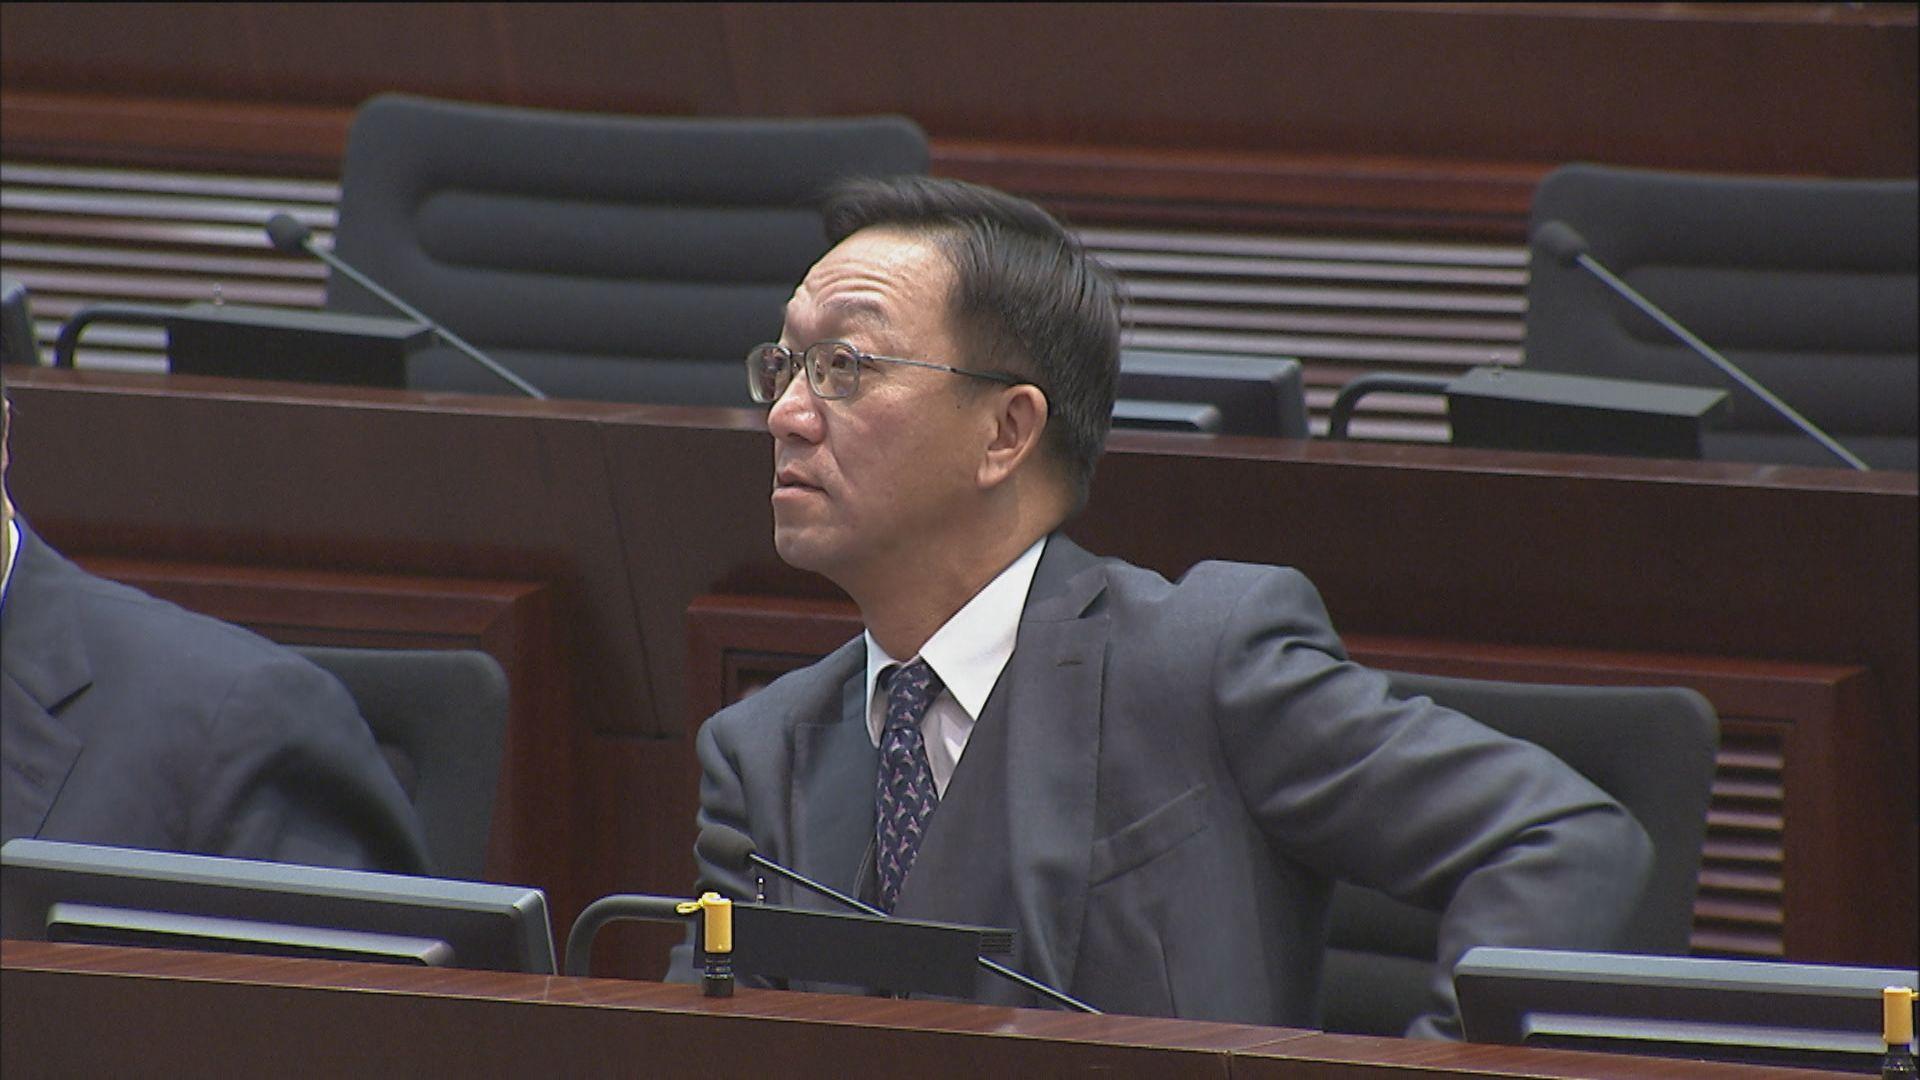 政制事務委員會副主席由經民聯劉業強當選